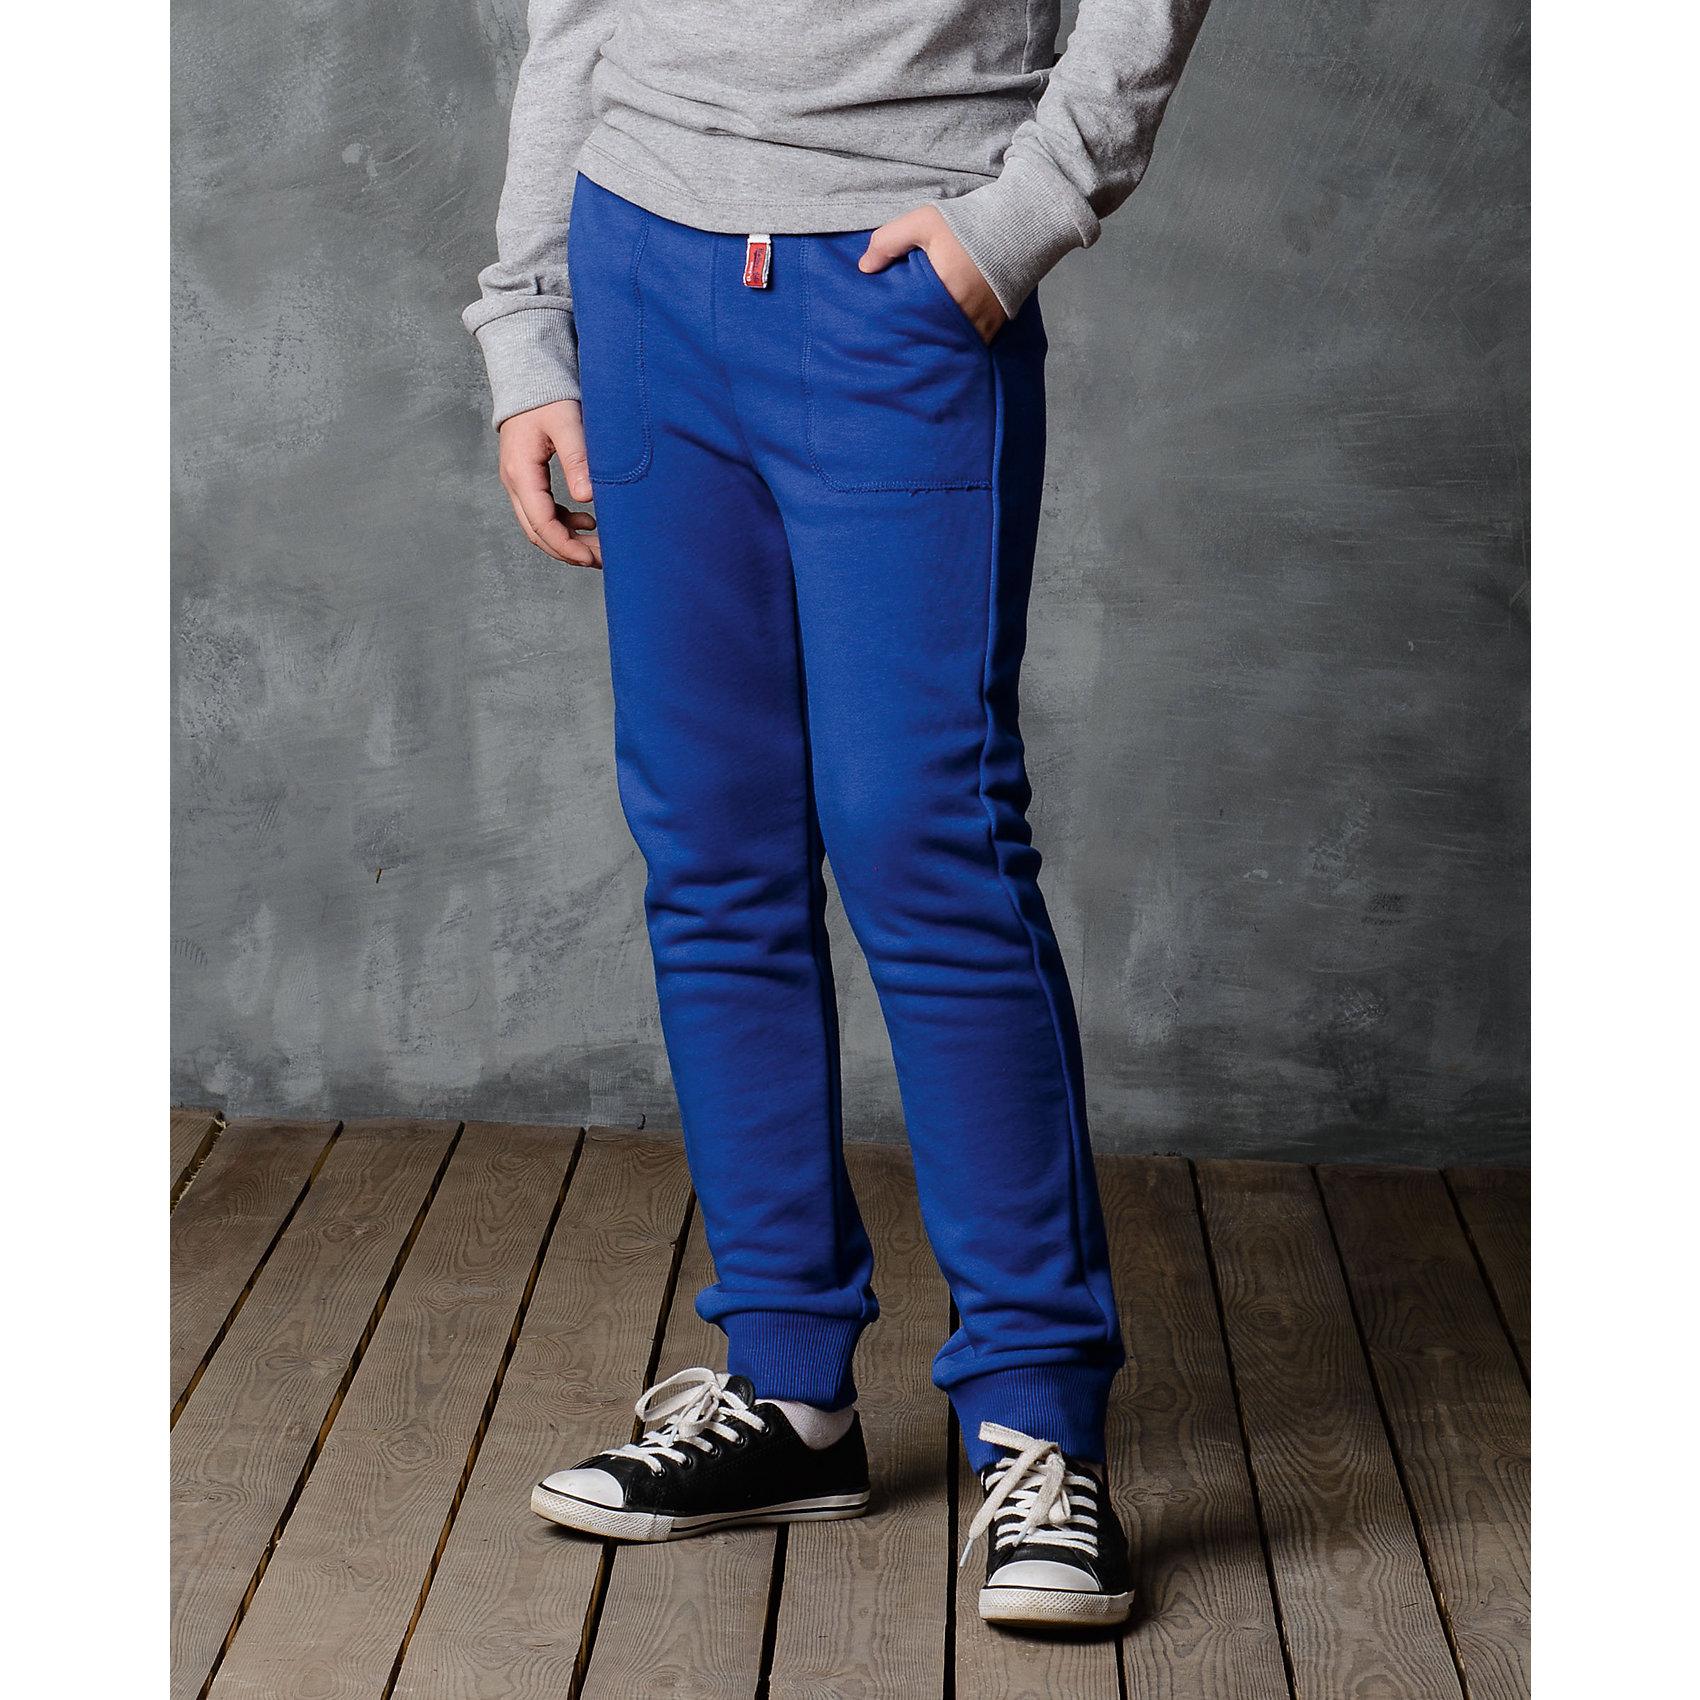 Брюки для мальчика Modniy JukБрюки<br>Характеристики товара:<br><br>• цвет: синий<br>• состав: 70% хлопок, 30% полиэстер<br>• спортивный силуэт<br>• карманы<br>• пояс - мягкая резинка<br>• манжеты<br>• логотип<br>• шнурок в поясе<br><br>• страна бренда: Российская Федерация<br>• страна производства: Российская Федерация<br><br>Модели одежды из новой коллекции от бренда Модный жук - это стильные и удобные вещи, созданные специально для детей. Они отличаются продуманным дизайном, качественными материалами и комфортной посадкой. Дети носят их с удовольствием! Стильные брюки спортивного силуэта - хит сезона, отличный вариант базовой вещи для разной погоды. Они отлично сочетаются с майками, футболками, куртками. Хорошо сидят по фигуре.<br>Одежда и аксессуары от российского бренда Модный жук - это способ пополнить гардероб ребенка модными изделиями по доступной цене. Для их производства используются только безопасные, проверенные материалы и фурнитура. Новая коллекция поддерживает хорошие традиции бренда! <br><br>Брюки для мальчика от популярного бренда Модный жук можно купить в нашем интернет-магазине.<br><br>Ширина мм: 215<br>Глубина мм: 88<br>Высота мм: 191<br>Вес г: 336<br>Цвет: синий<br>Возраст от месяцев: 132<br>Возраст до месяцев: 144<br>Пол: Мужской<br>Возраст: Детский<br>Размер: 146/152,98/104,104/110,110/116,116/122,122/128,128/134,134/140,140/146<br>SKU: 5613639